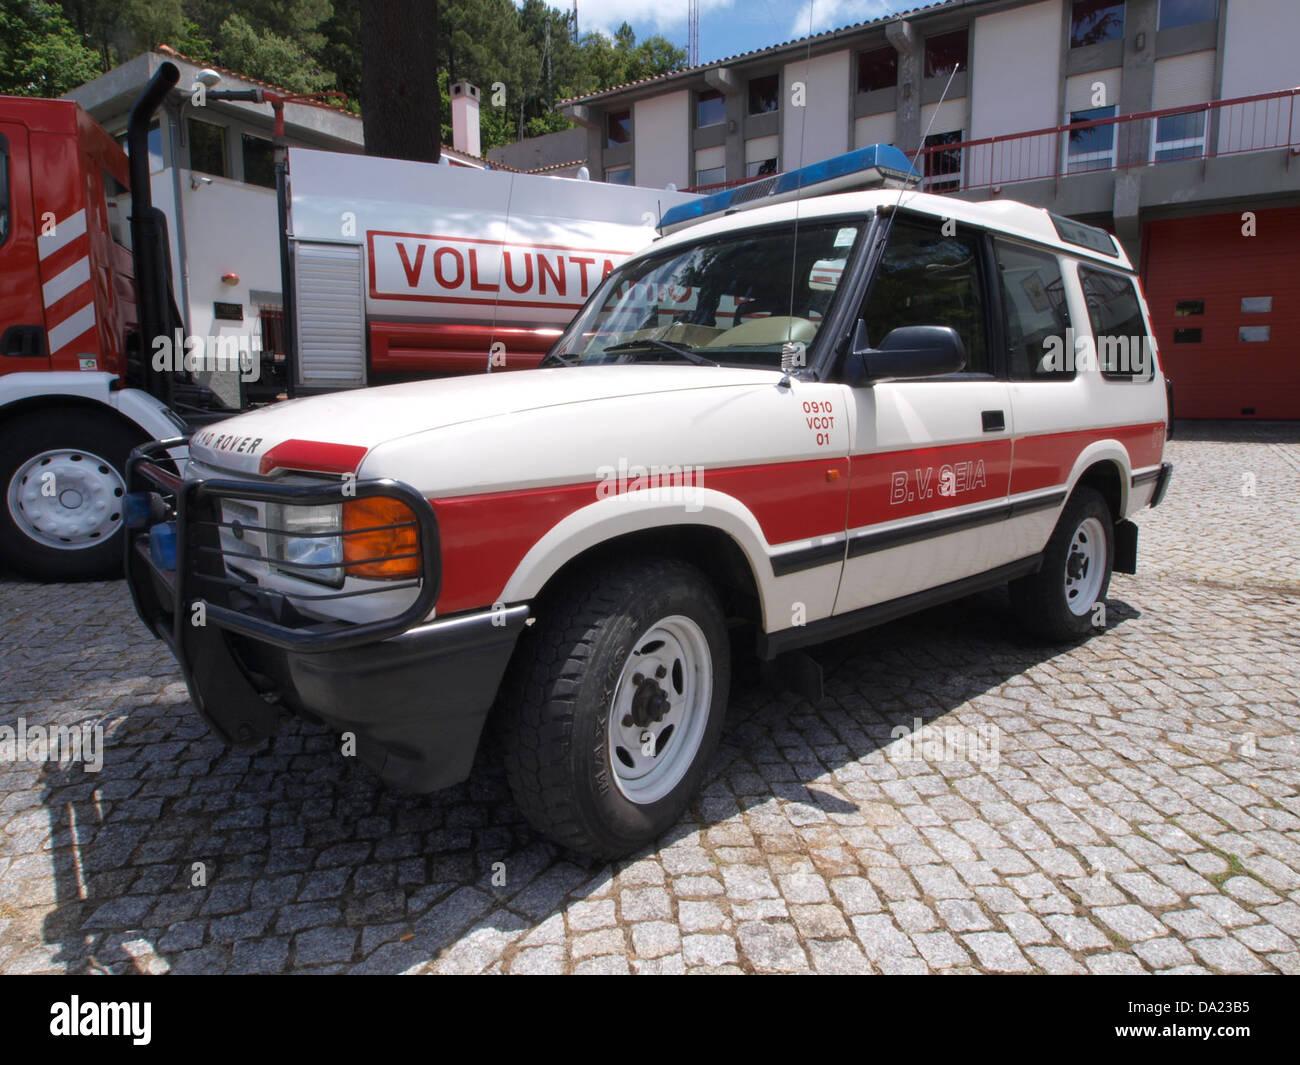 Land Rover, Bombeiros Seia, Unit 0910 VCOT 01 pic2 - Stock Image